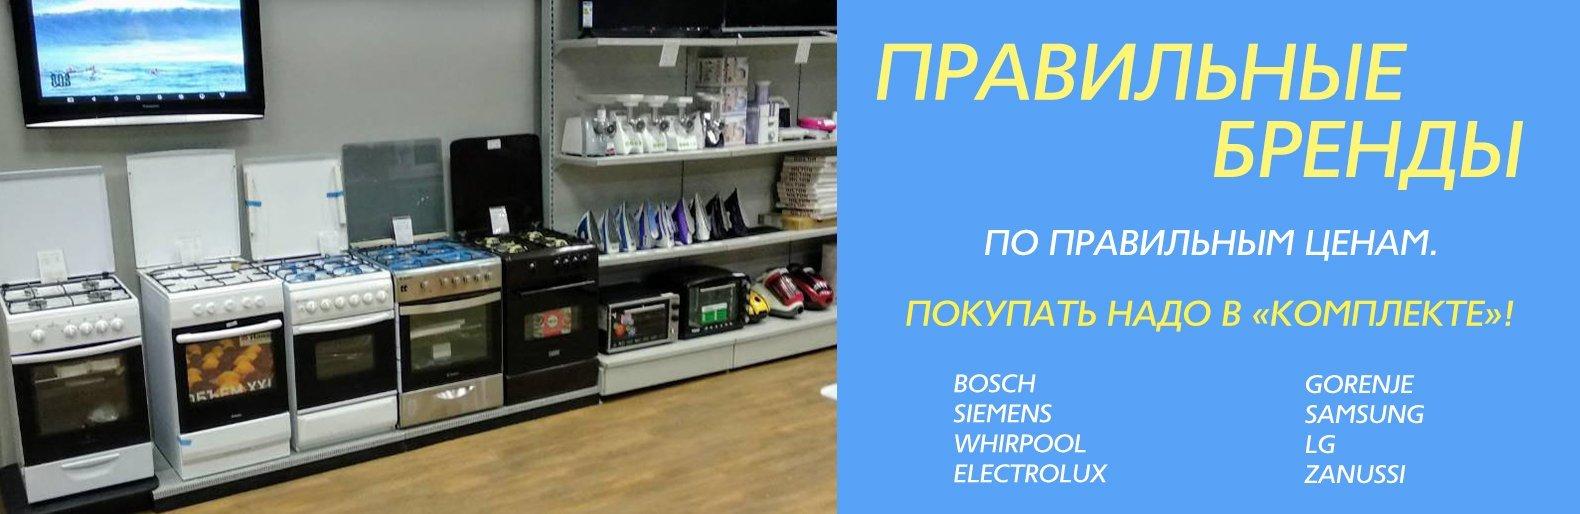 Выставочный зал крупнейшего в нашем регионе интернет-магазина бытовой  техники «Комплект» переехал! 6f2fcc706ce99